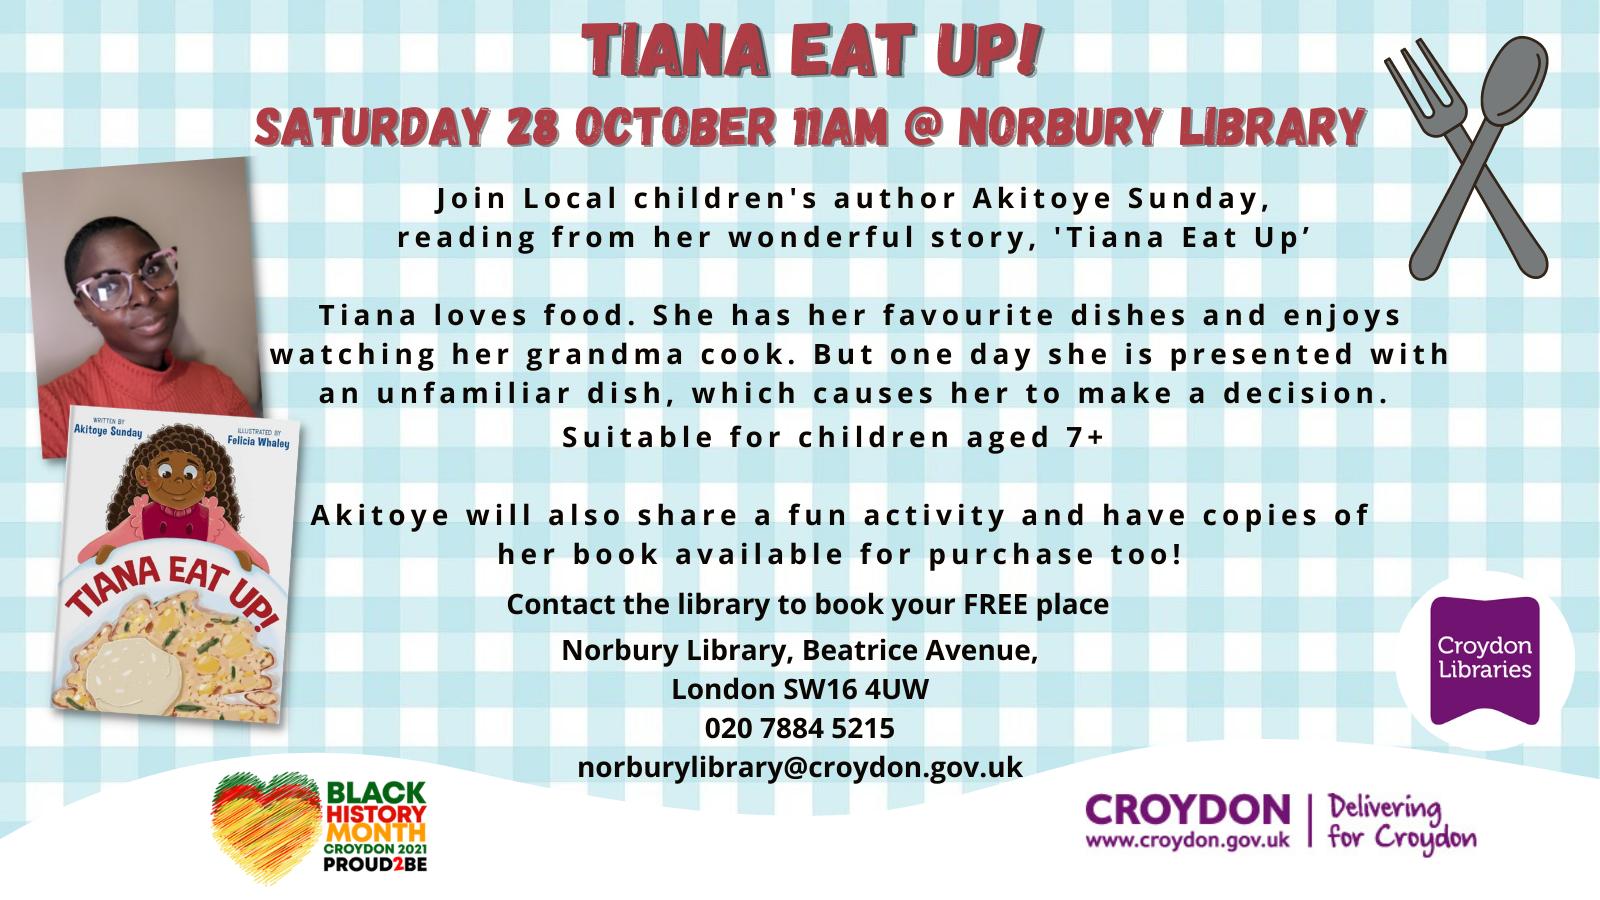 Tiana Eat Up! schools invite